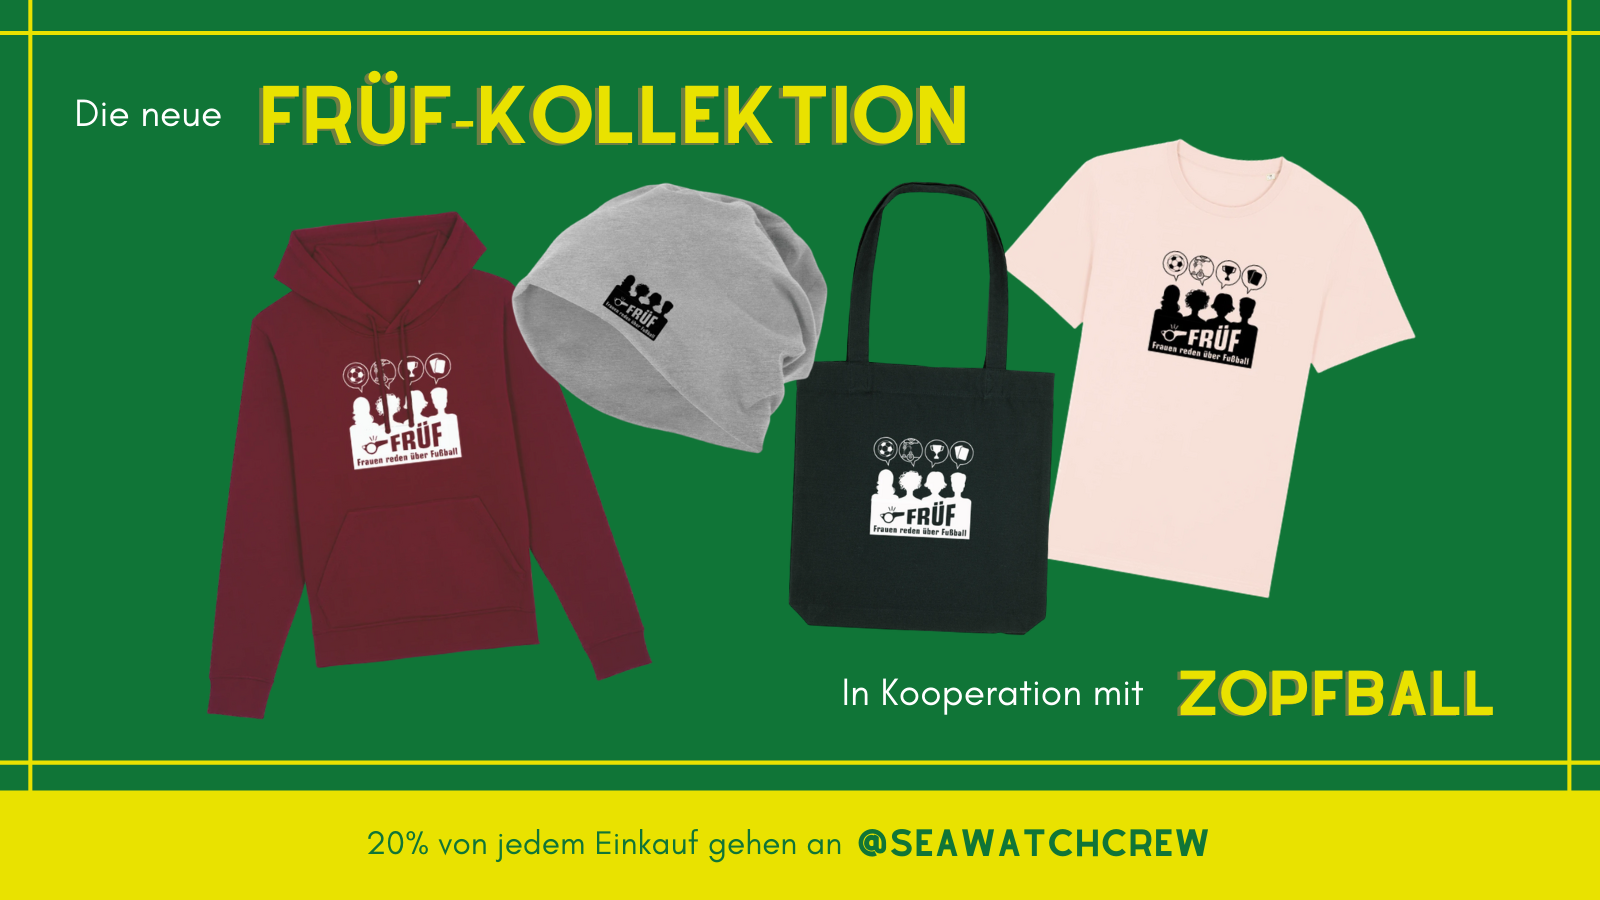 Auf dem Bild sieht man Teile der FRÜF-Kollektion auf einem grünen Hintergrund angeordnet: einen roten Hoodie, ein rosa T-Shirt, eine graue Mütze und einen schwarzen Beutel.